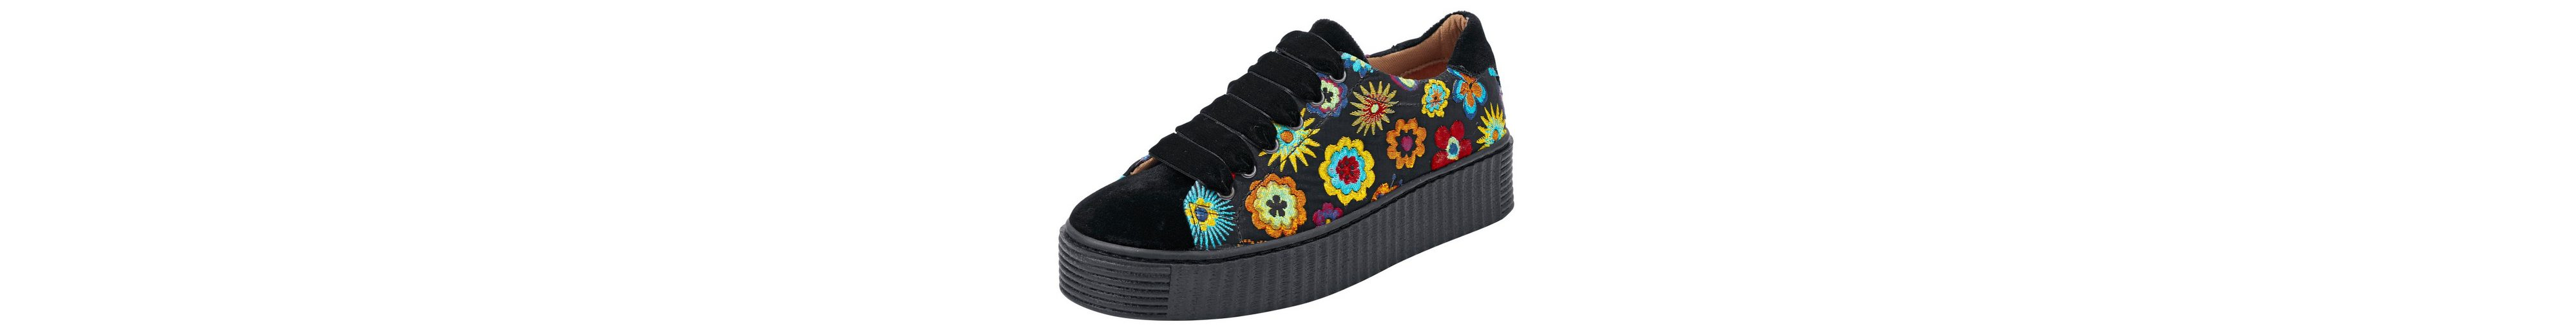 Heine Sneaker mit Blumen Freies Verschiffen Visum Zahlung Billig Verkauf Bestseller Amazon Günstiger Preis 2018 Unisex Online Bestseller Verkauf Online VYa9pYdvZ